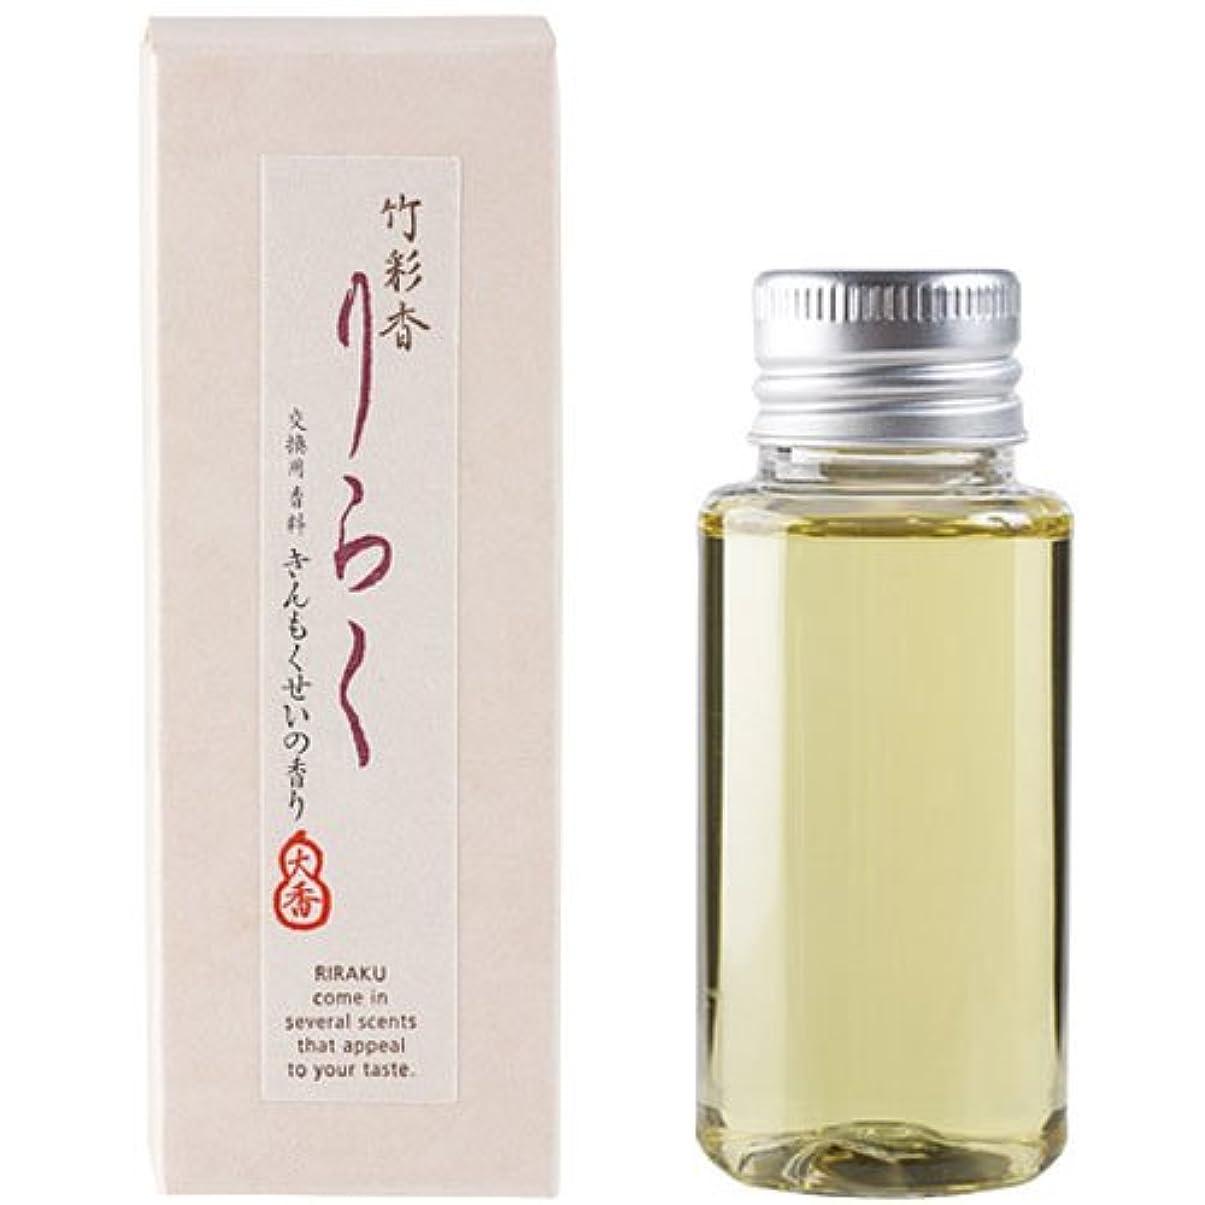 ポーク二十永久竹彩香りらく 交換用香料きんもくせい 50ml